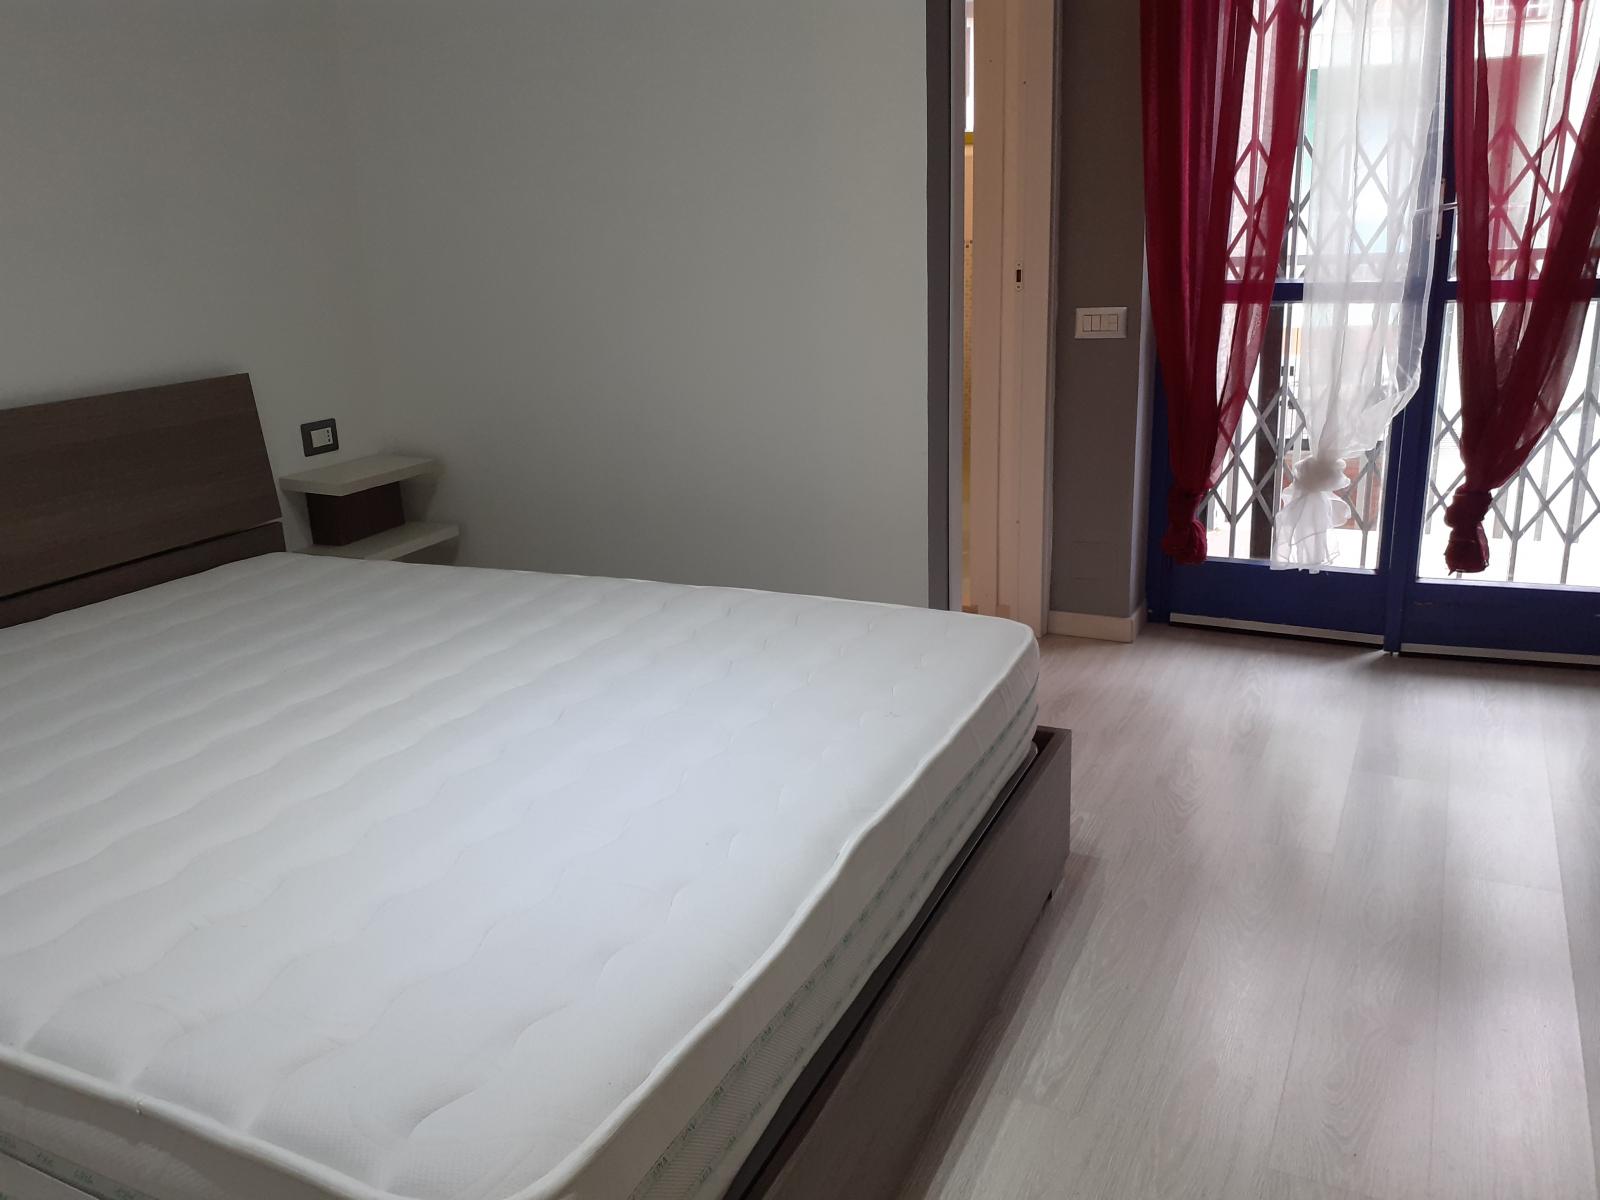 appartamento-in-vendita-milano-baggio-2-locali-open-space-spaziourbano-immobiliare-vende-3